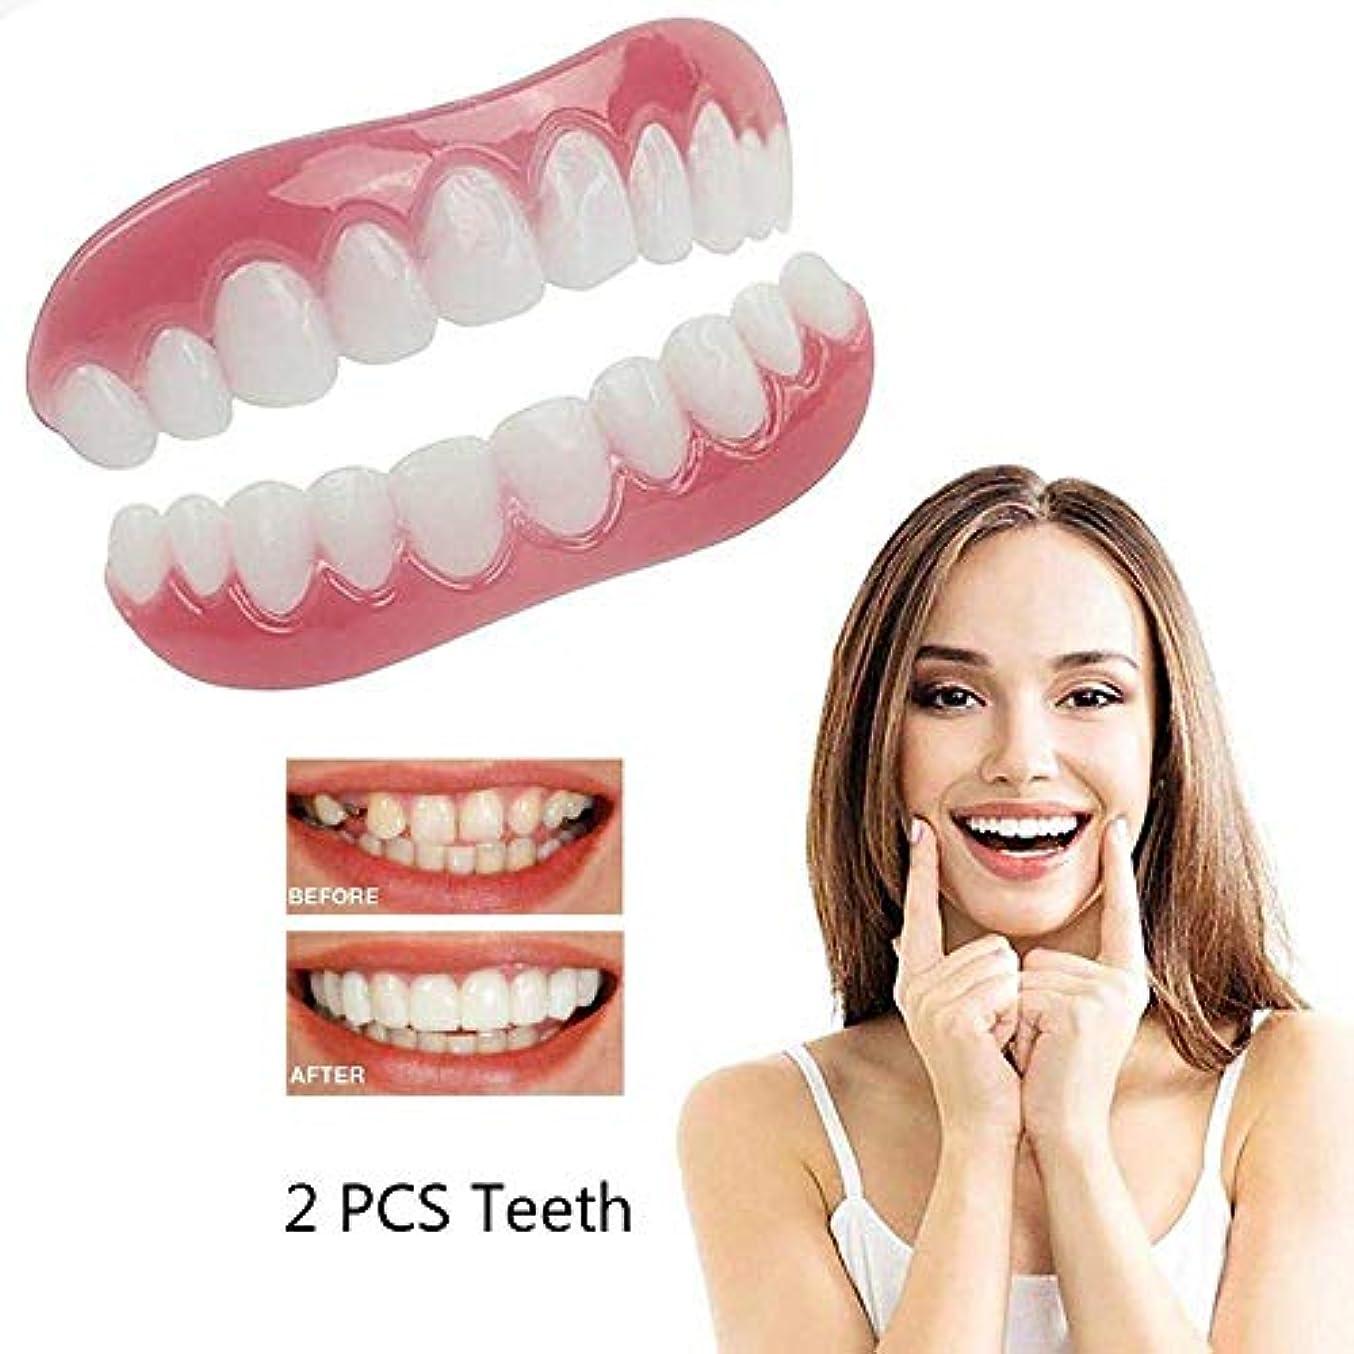 結び目にもかかわらず透明に化粧品の歯のホワイトニングパーフェクトフィットスナップオンスマイルトップとボトムの偽歯インスタントプロテーゼスマイルコンフォートフィットフレックスオーラルケア